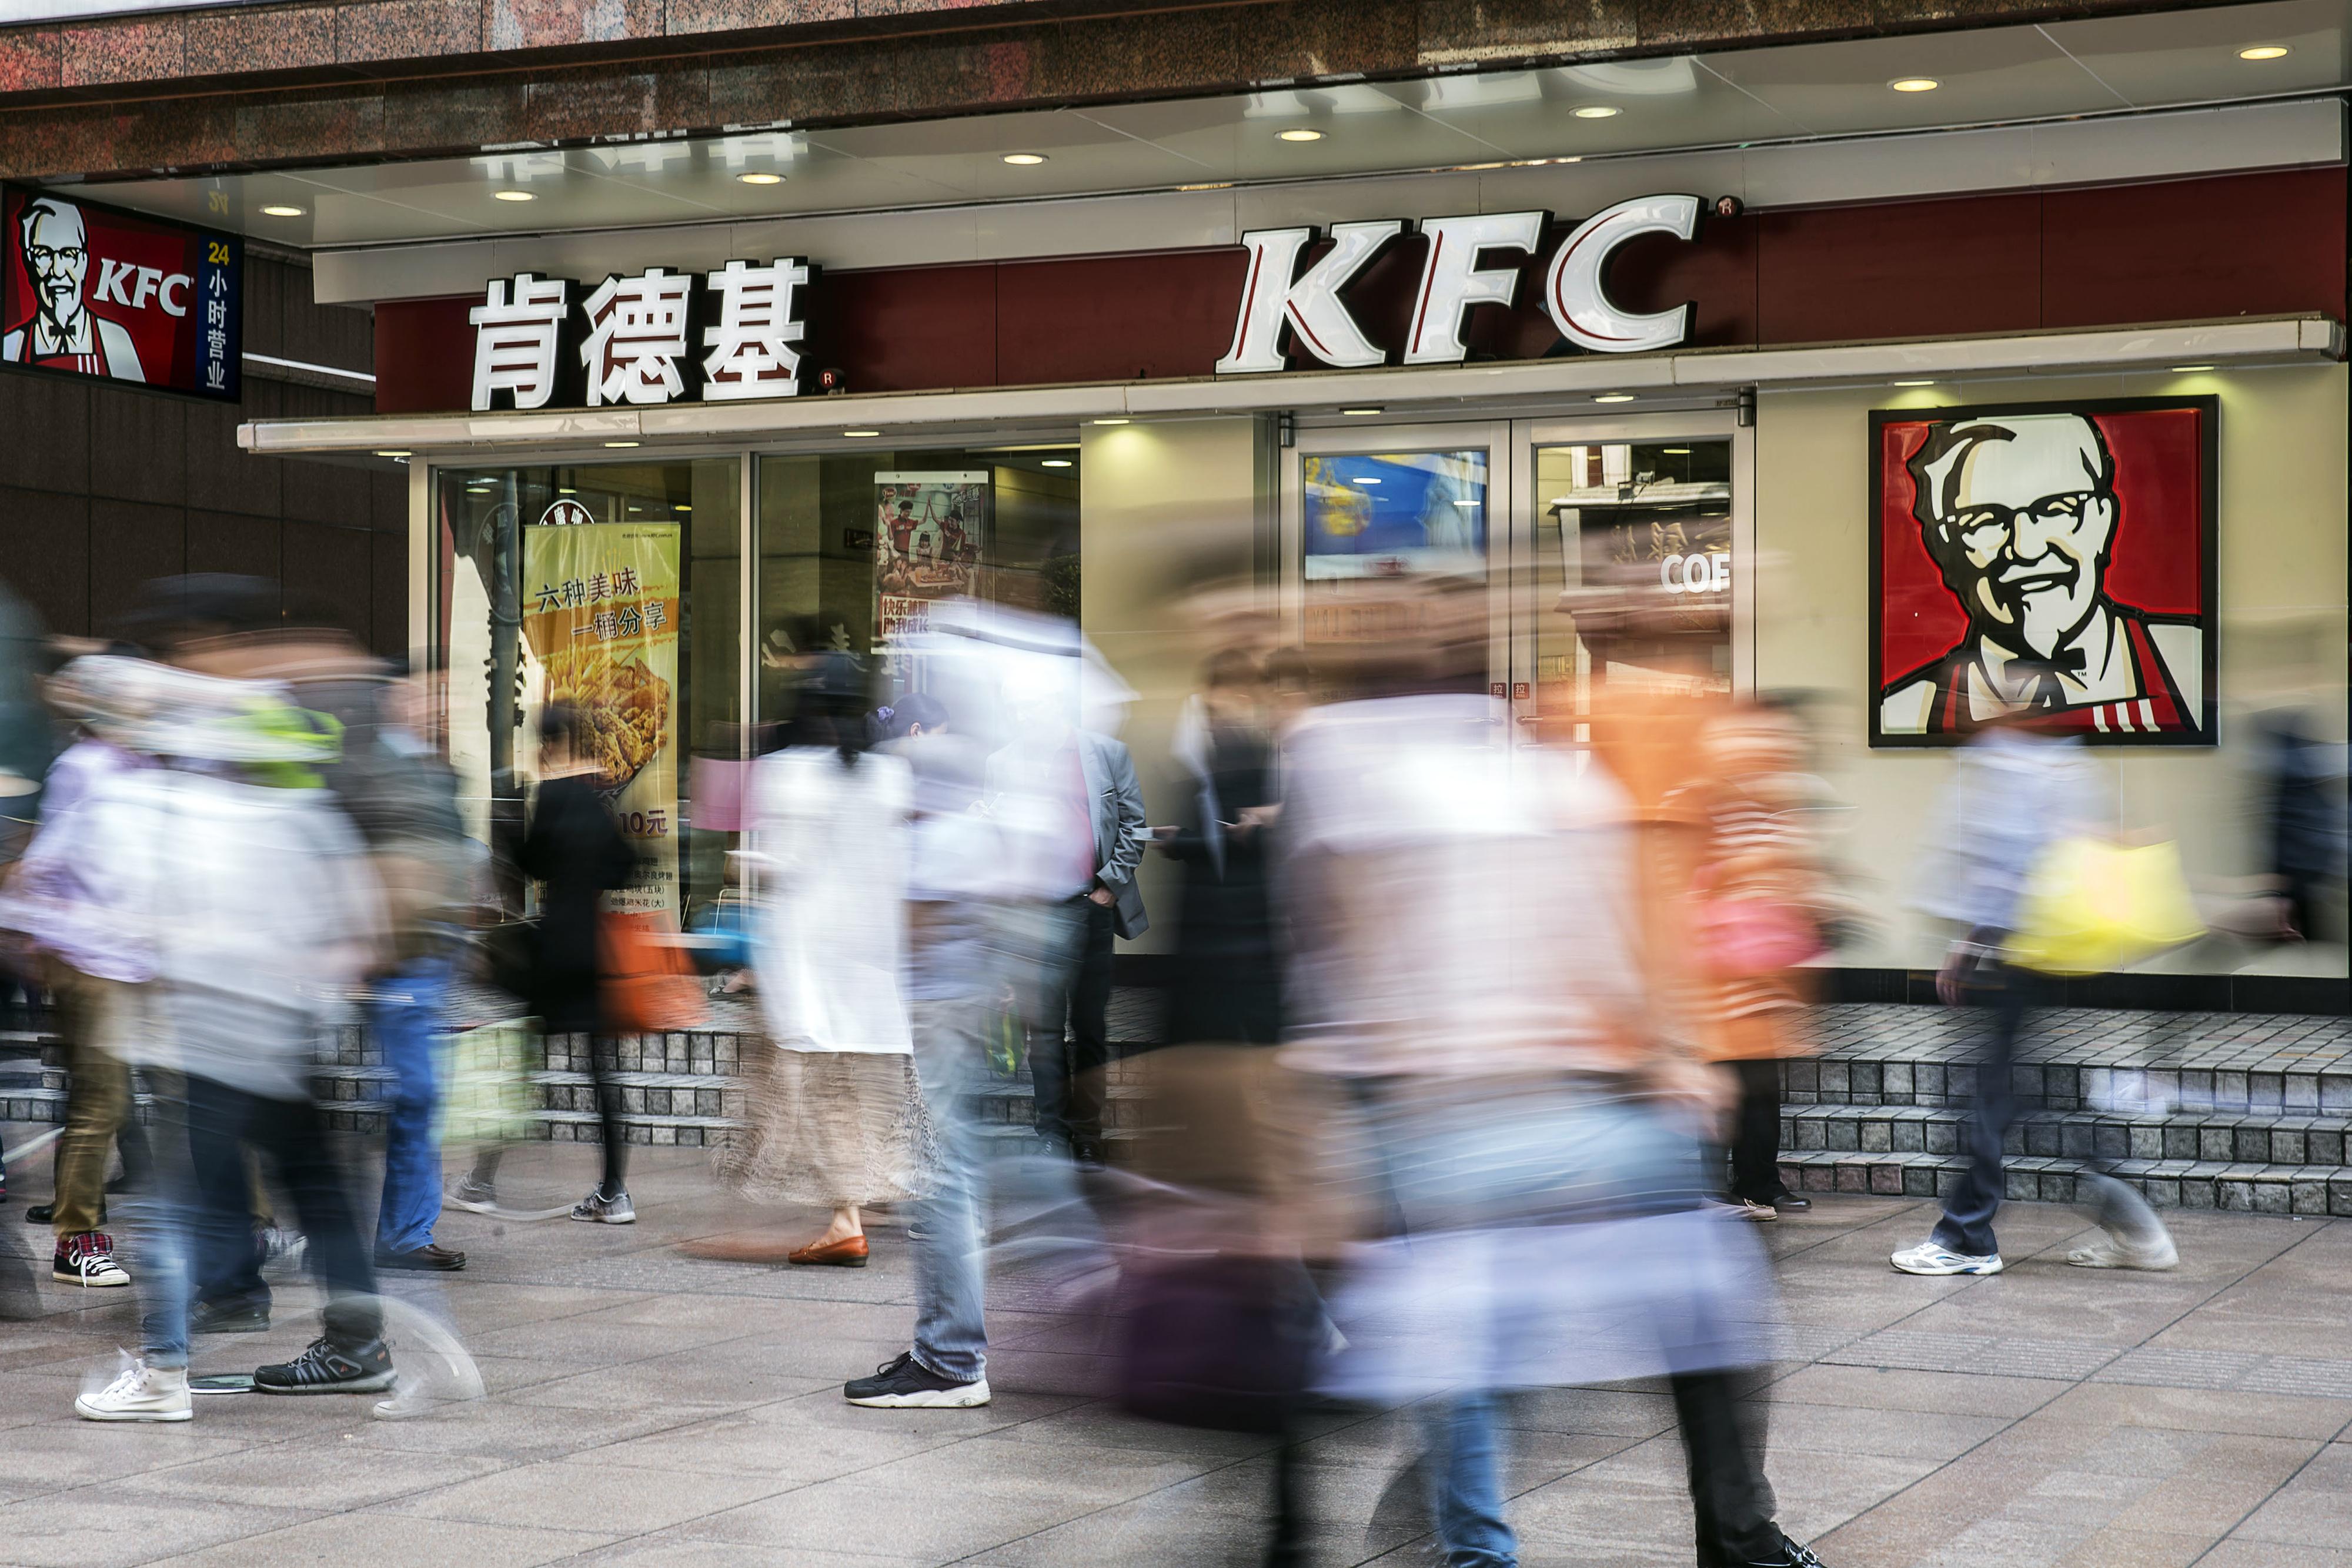 Pedestrians walk past a KFC restaurant in Shanghai, China, on Wednesday, Oct. 21, 2015.